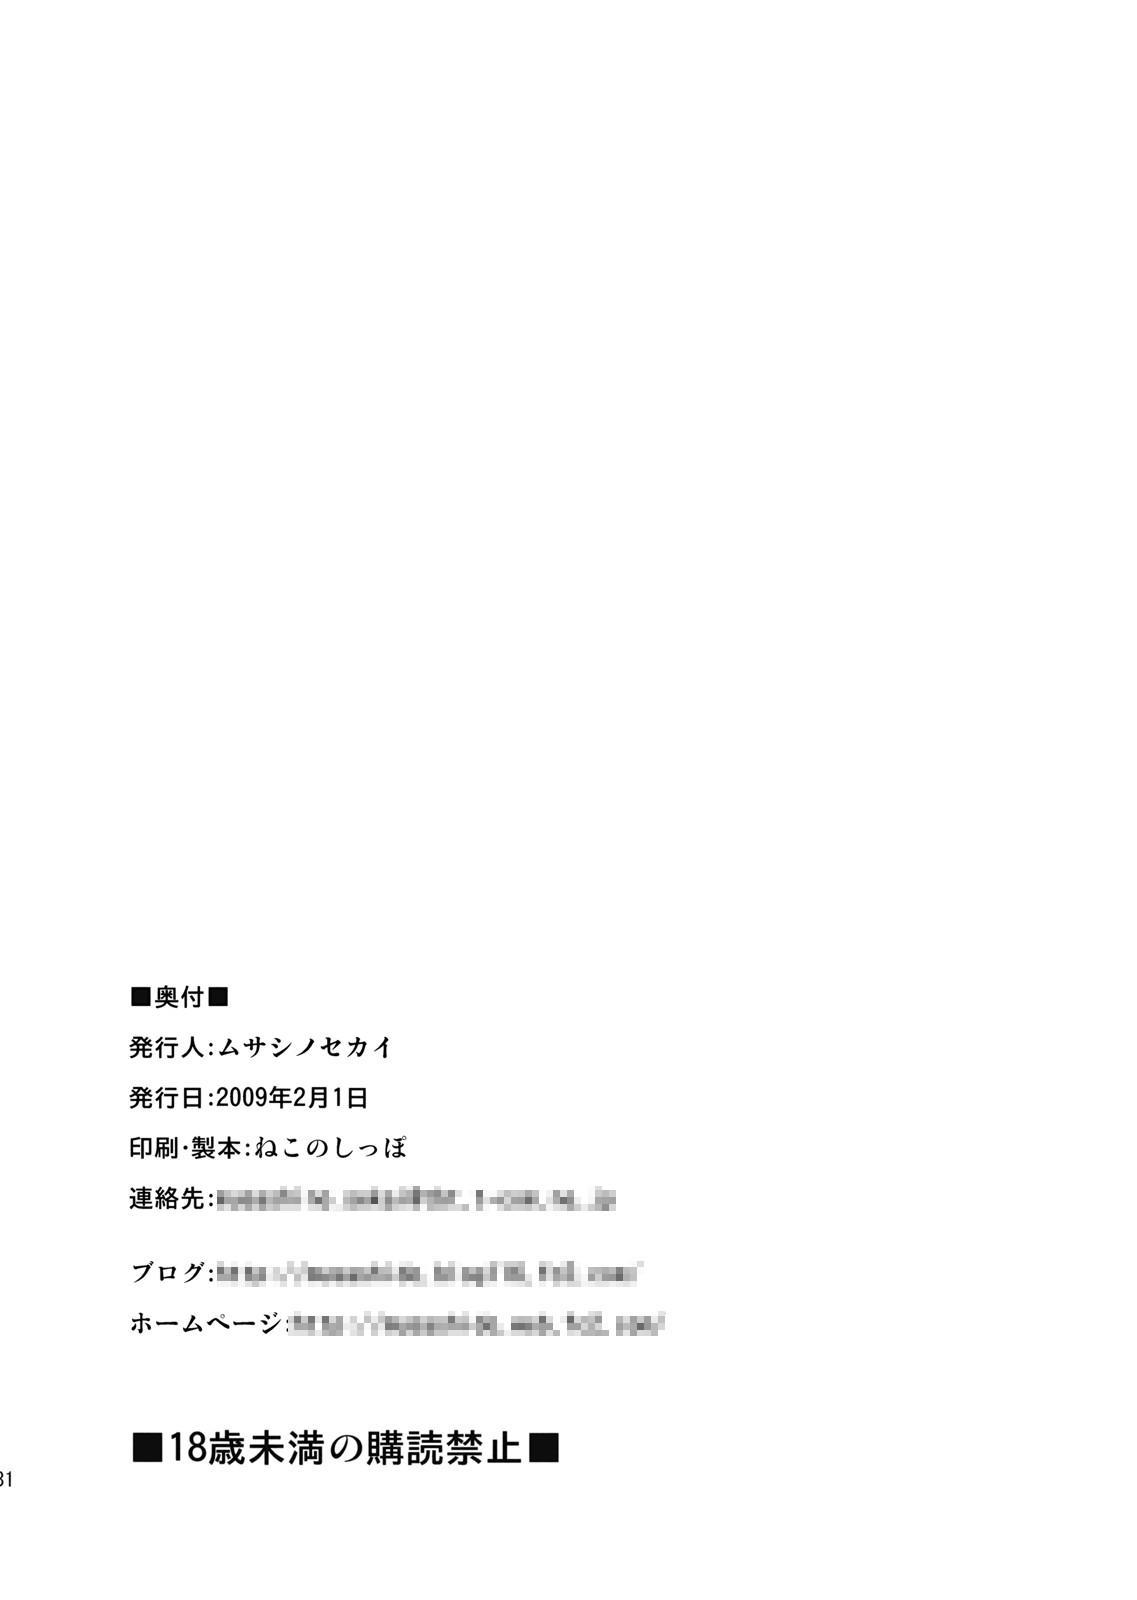 Eirin no Kinoko wo Kiya to Udonge ga Love Love Hon 32